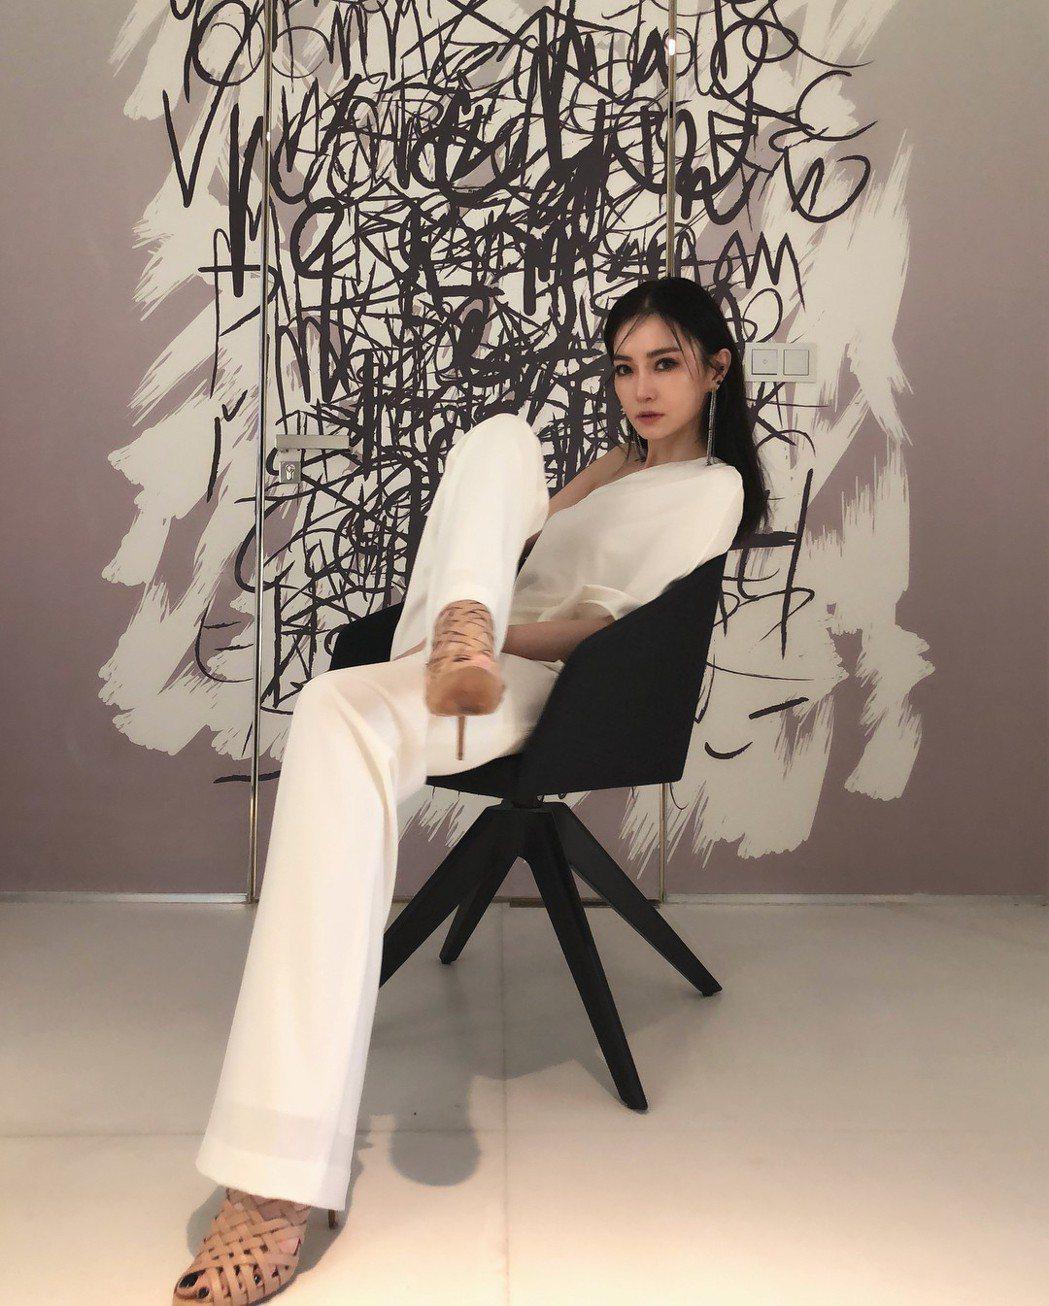 謝金燕穿著白色褲裝出席新加坡纖體品牌代言記者會。圖/摘自IG